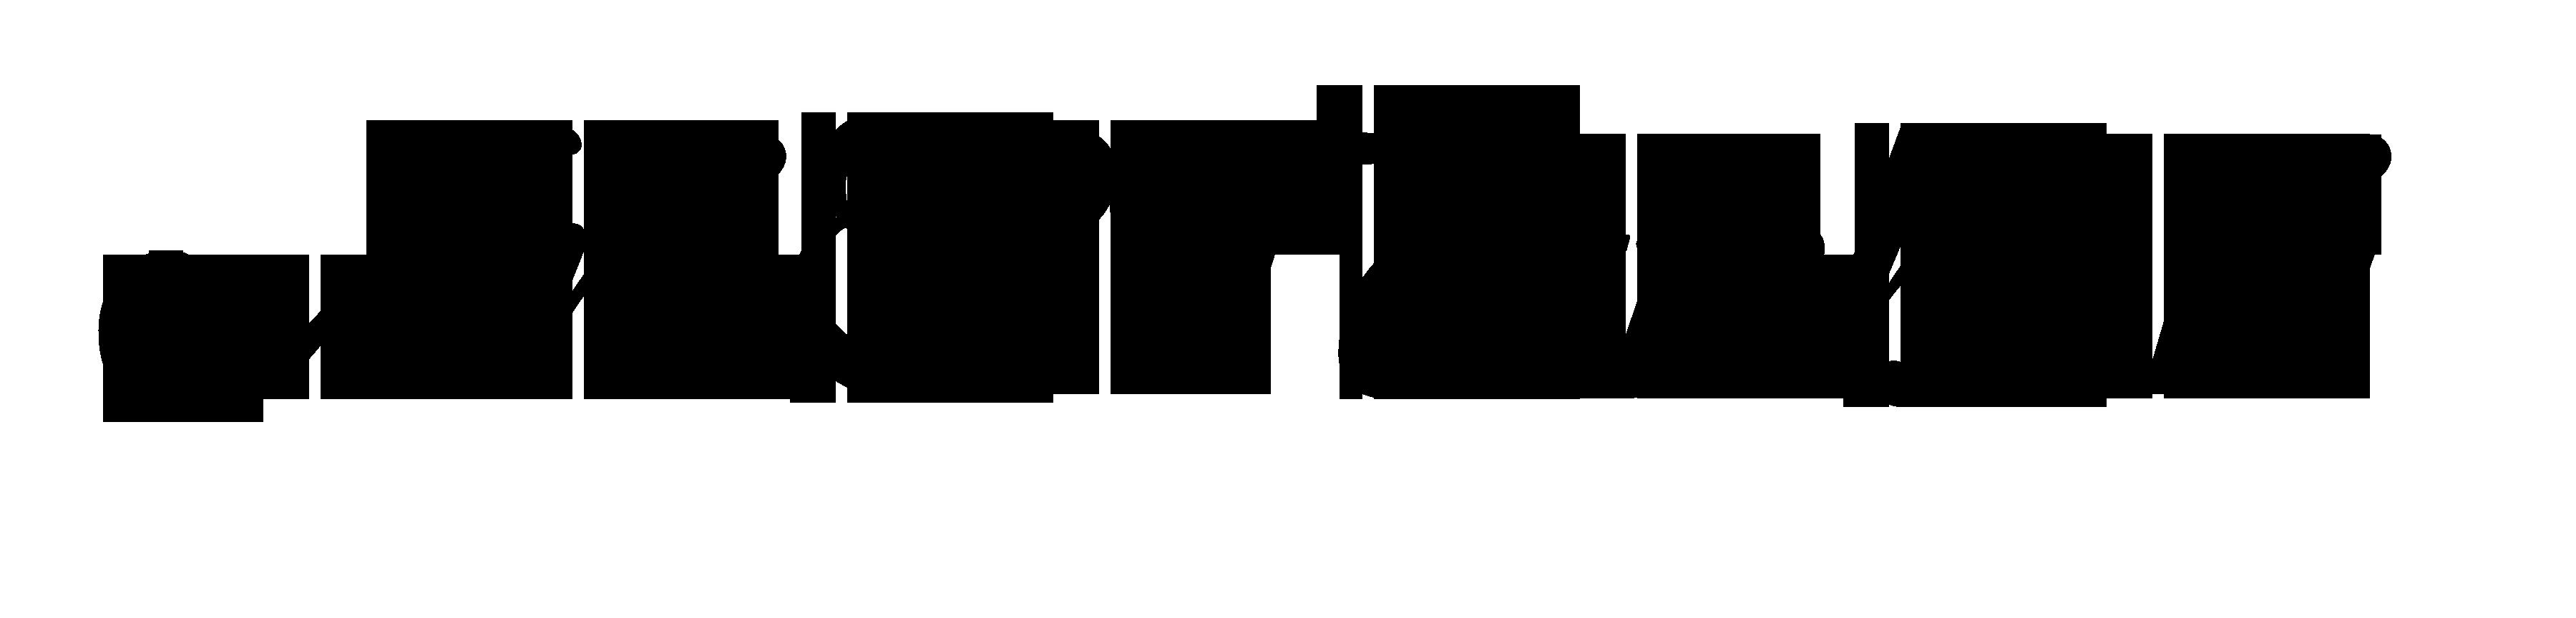 Ani&Tetisheri_title_logo